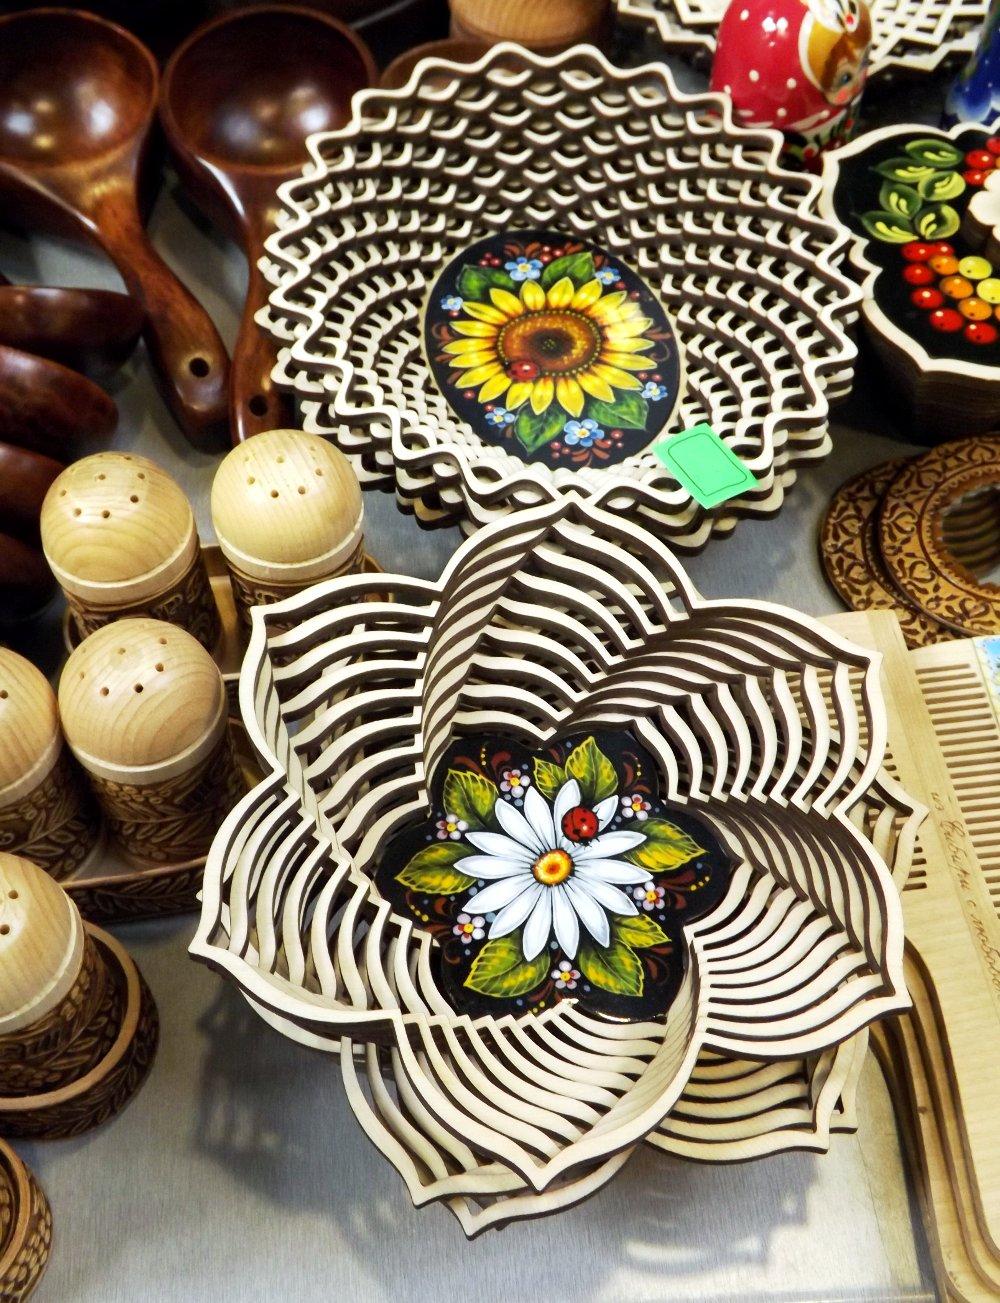 Продукция сибирских производителей деревянной посуды и кухонных аксессуаров на сентябрьской выставке HouseHoldExpo 2014 - вид Б